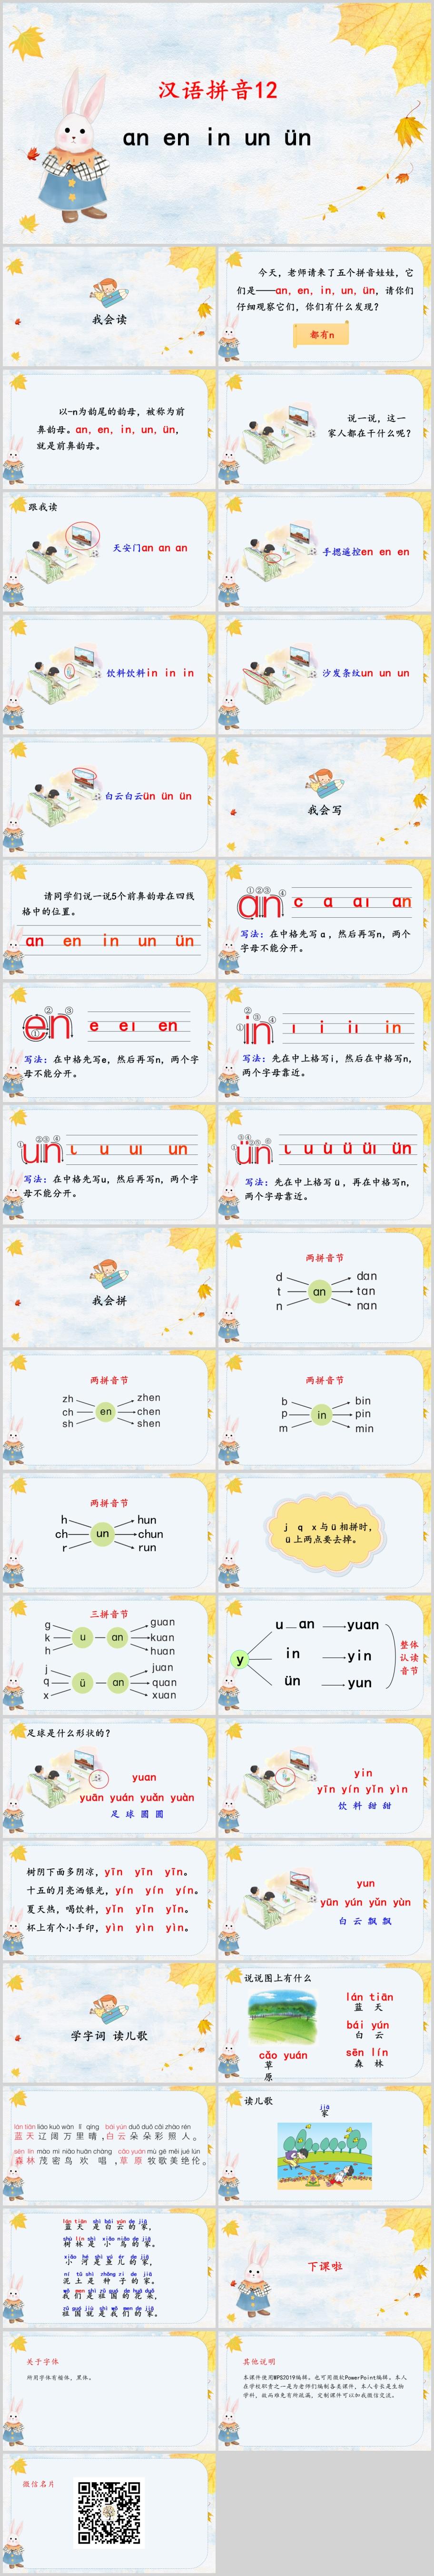 汉语拼音12all.jpg